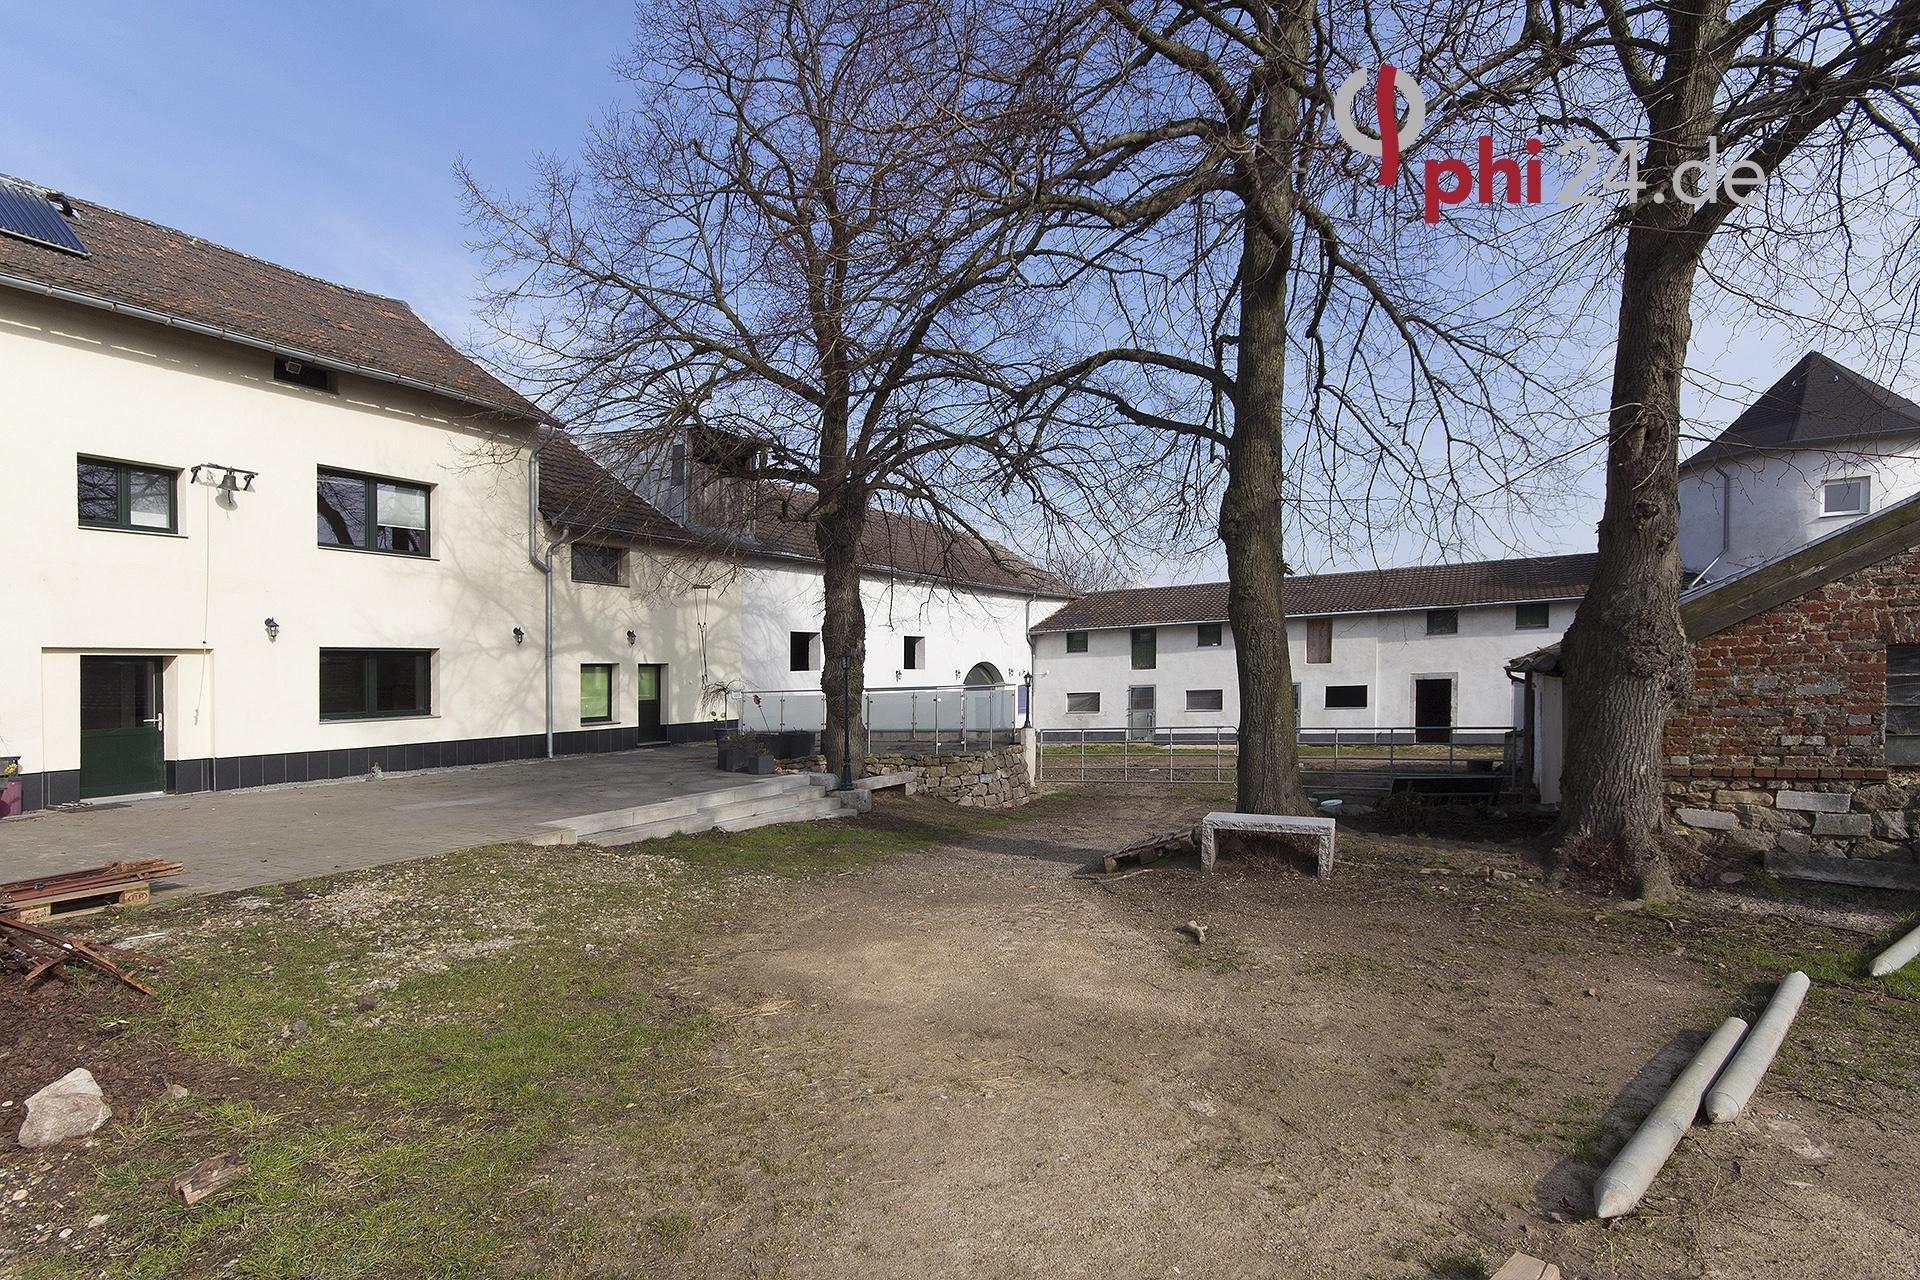 Immobilienmakler Stolberg Einfamilienhaus referenzen mit Immobilienbewertung